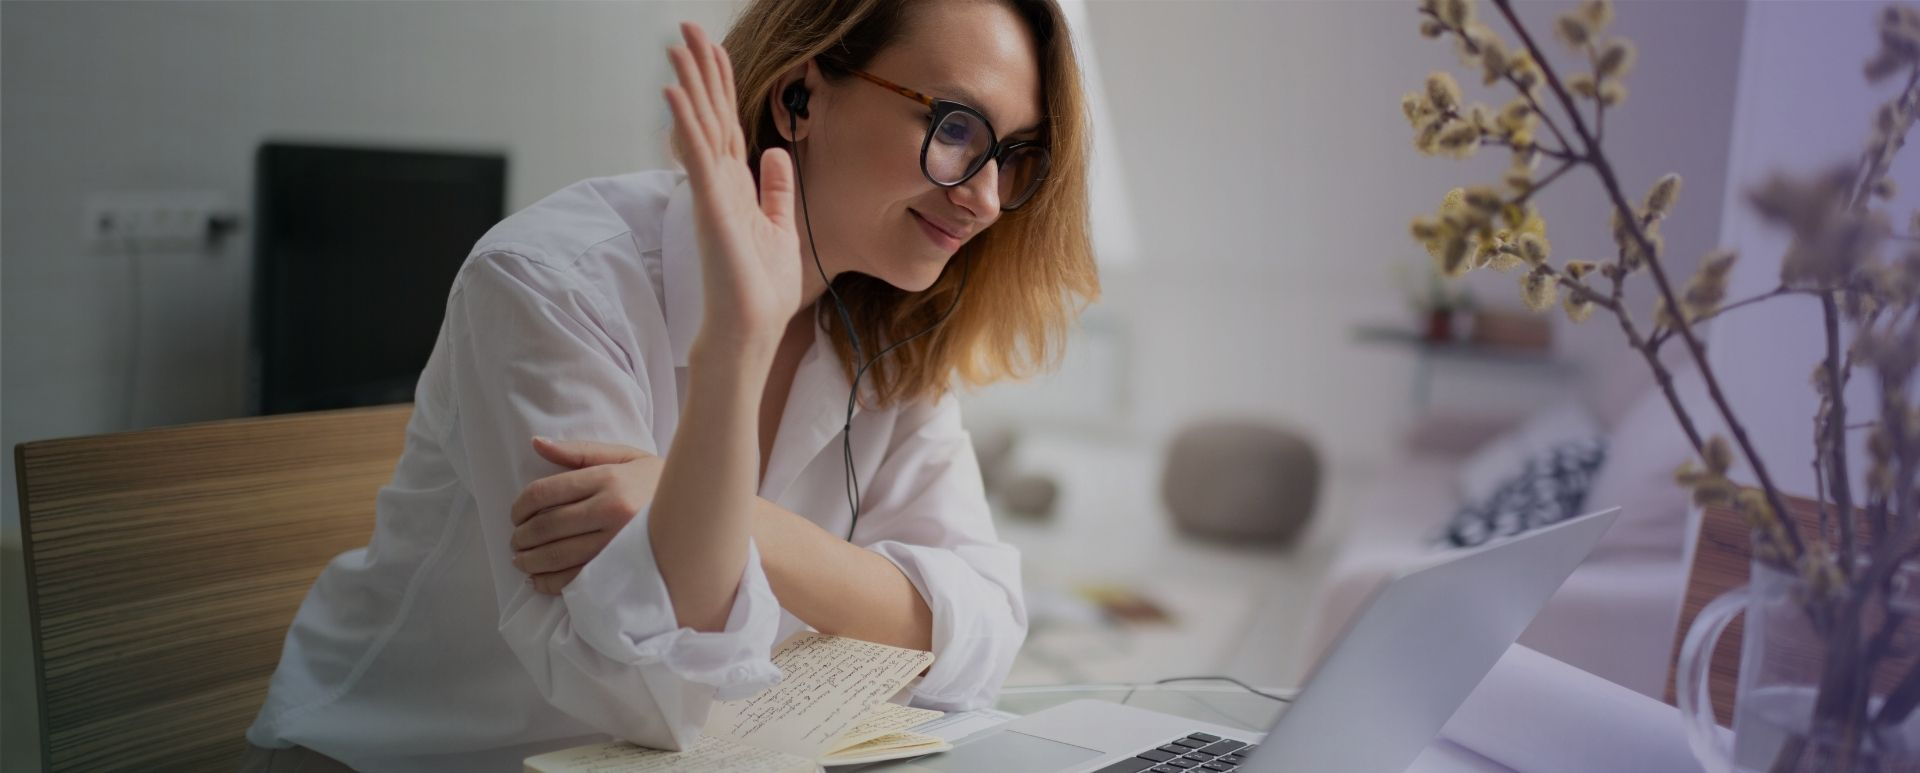 riunioni-online-come-organizzarle-per-essere-piu-produttivi